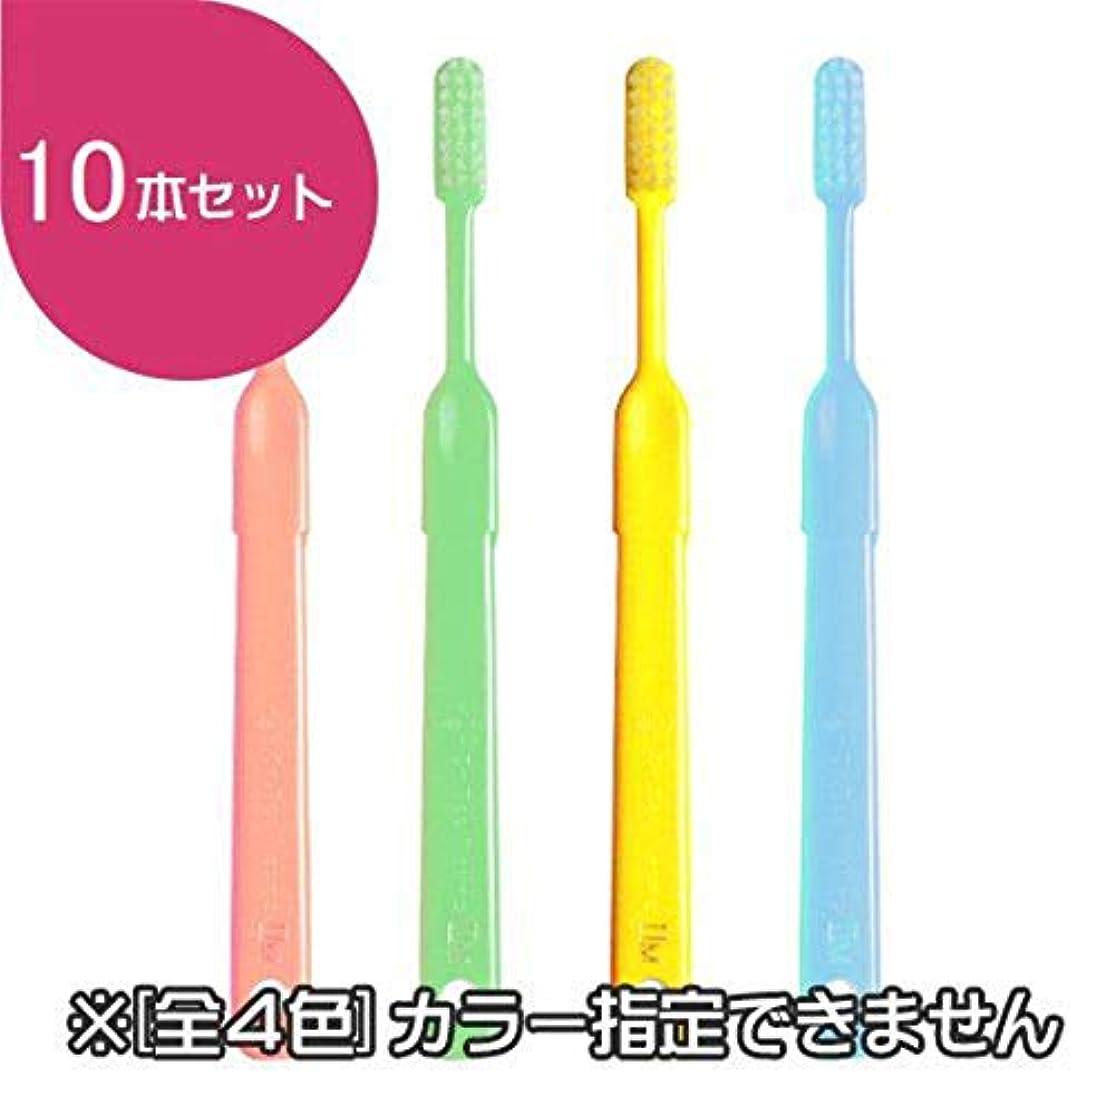 気づくなる部分的最小化するビーブランド ドクター ビーヤング2 歯ブラシ 10本(ミディアム)